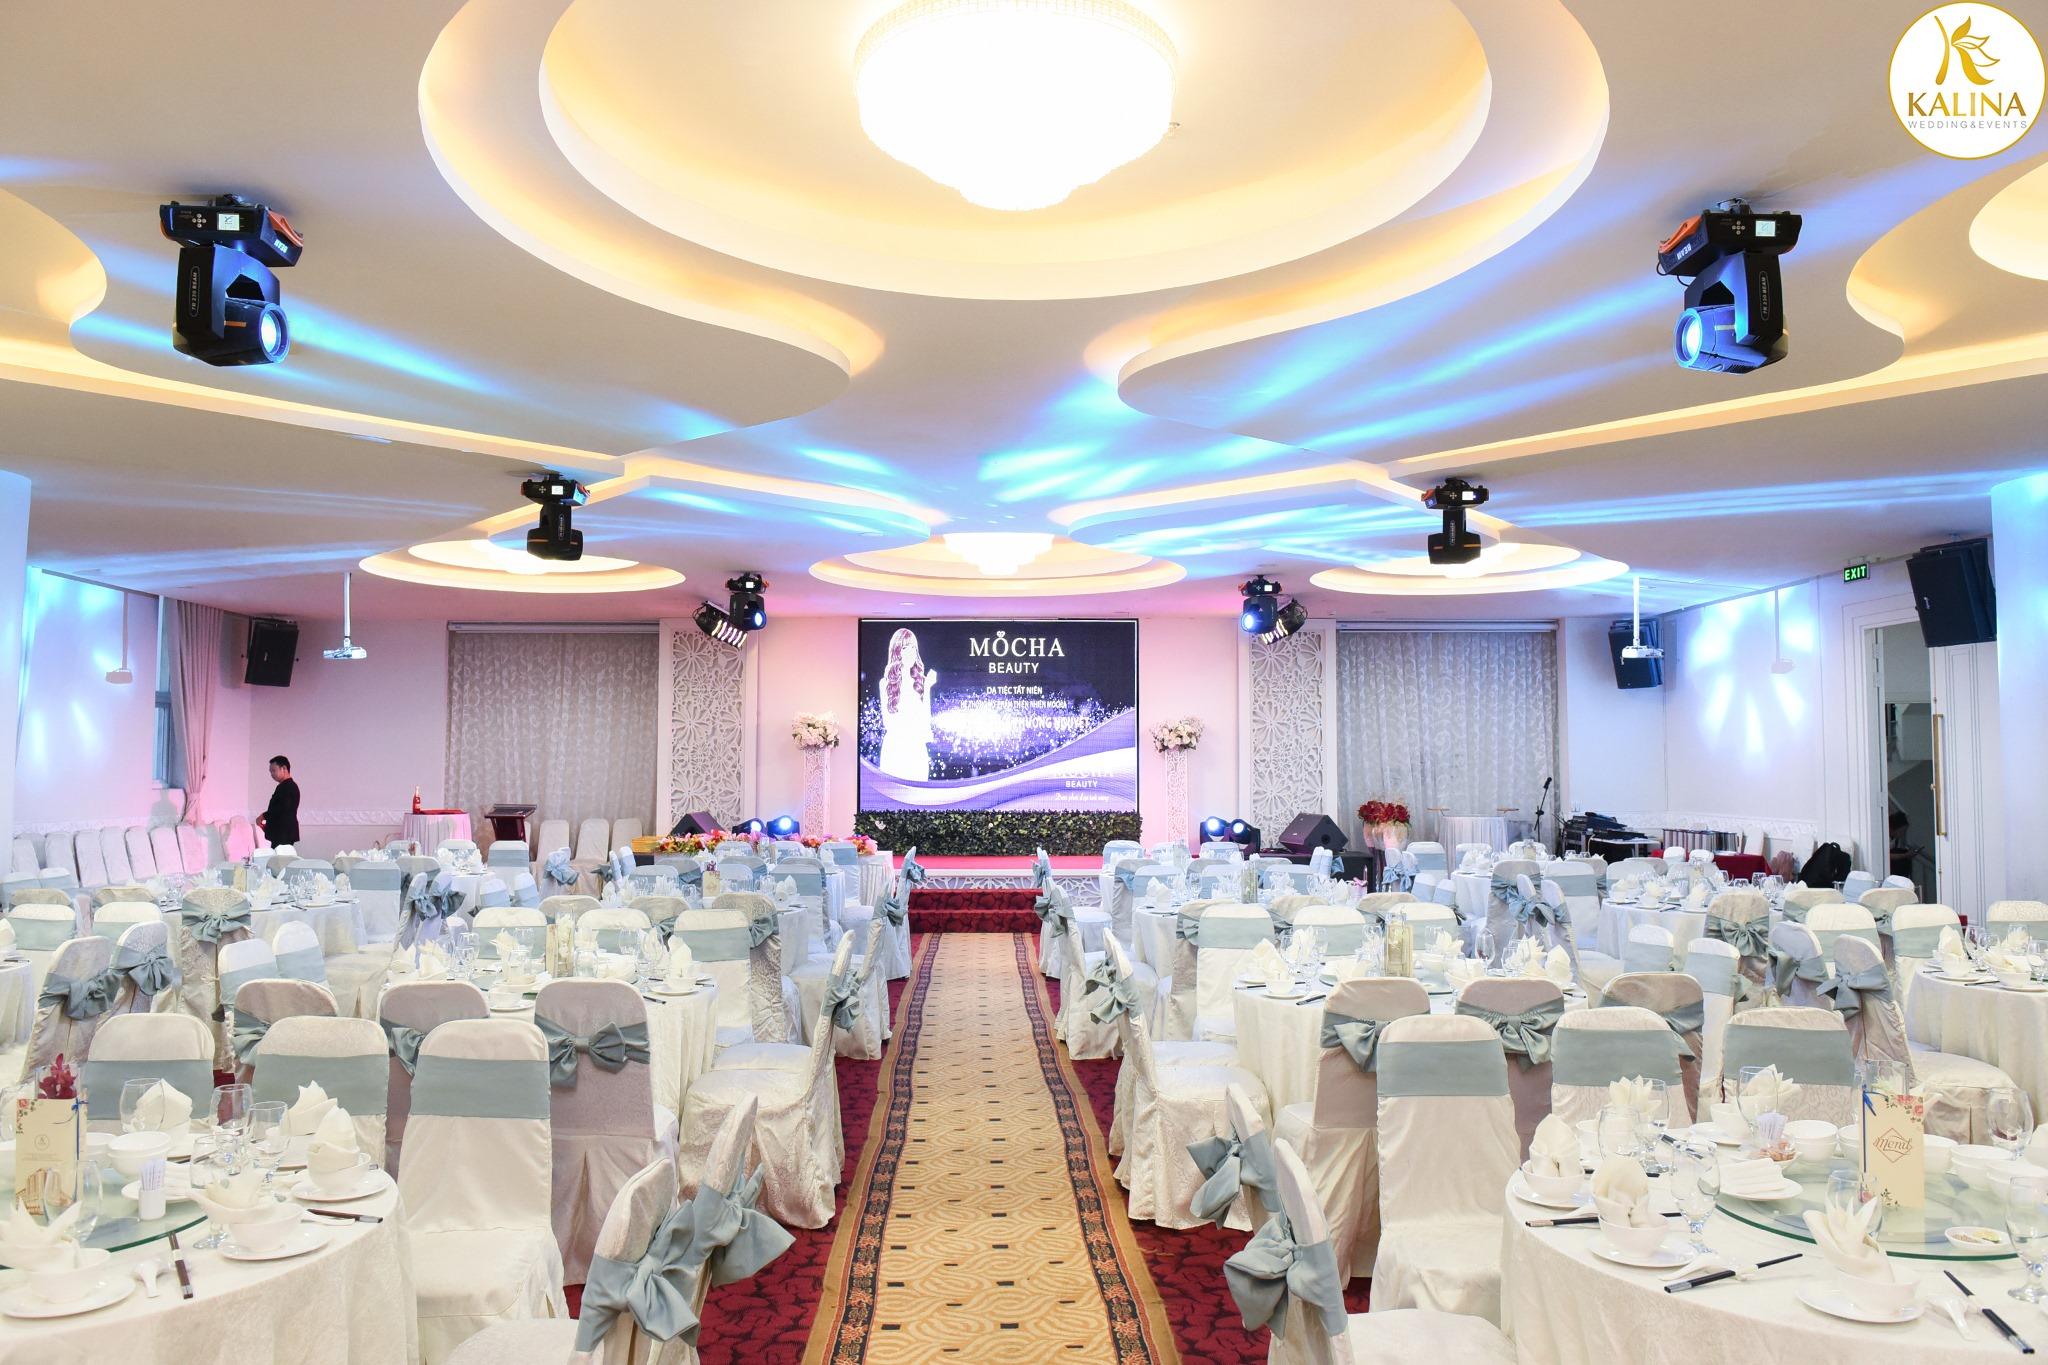 Nhà Hàng Tiệc Cưới Kalina, Quận Tân Phú